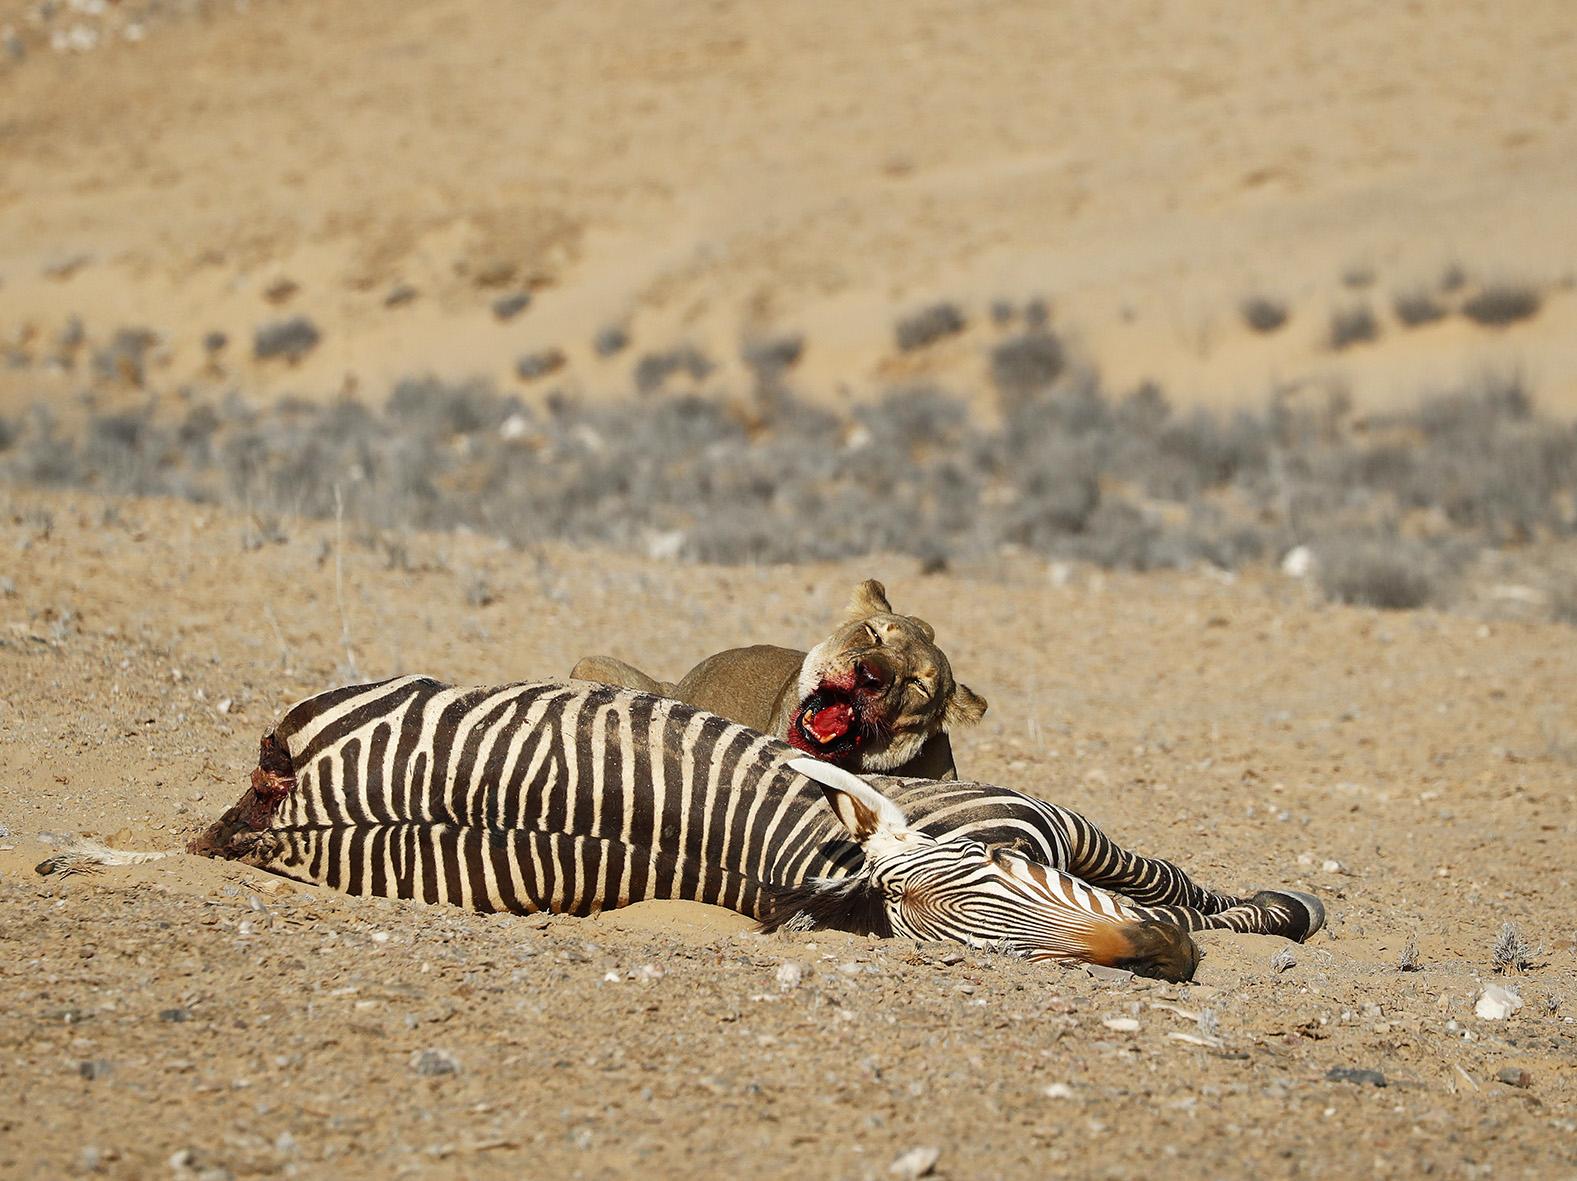 NAMIBIE - Lions du Désert